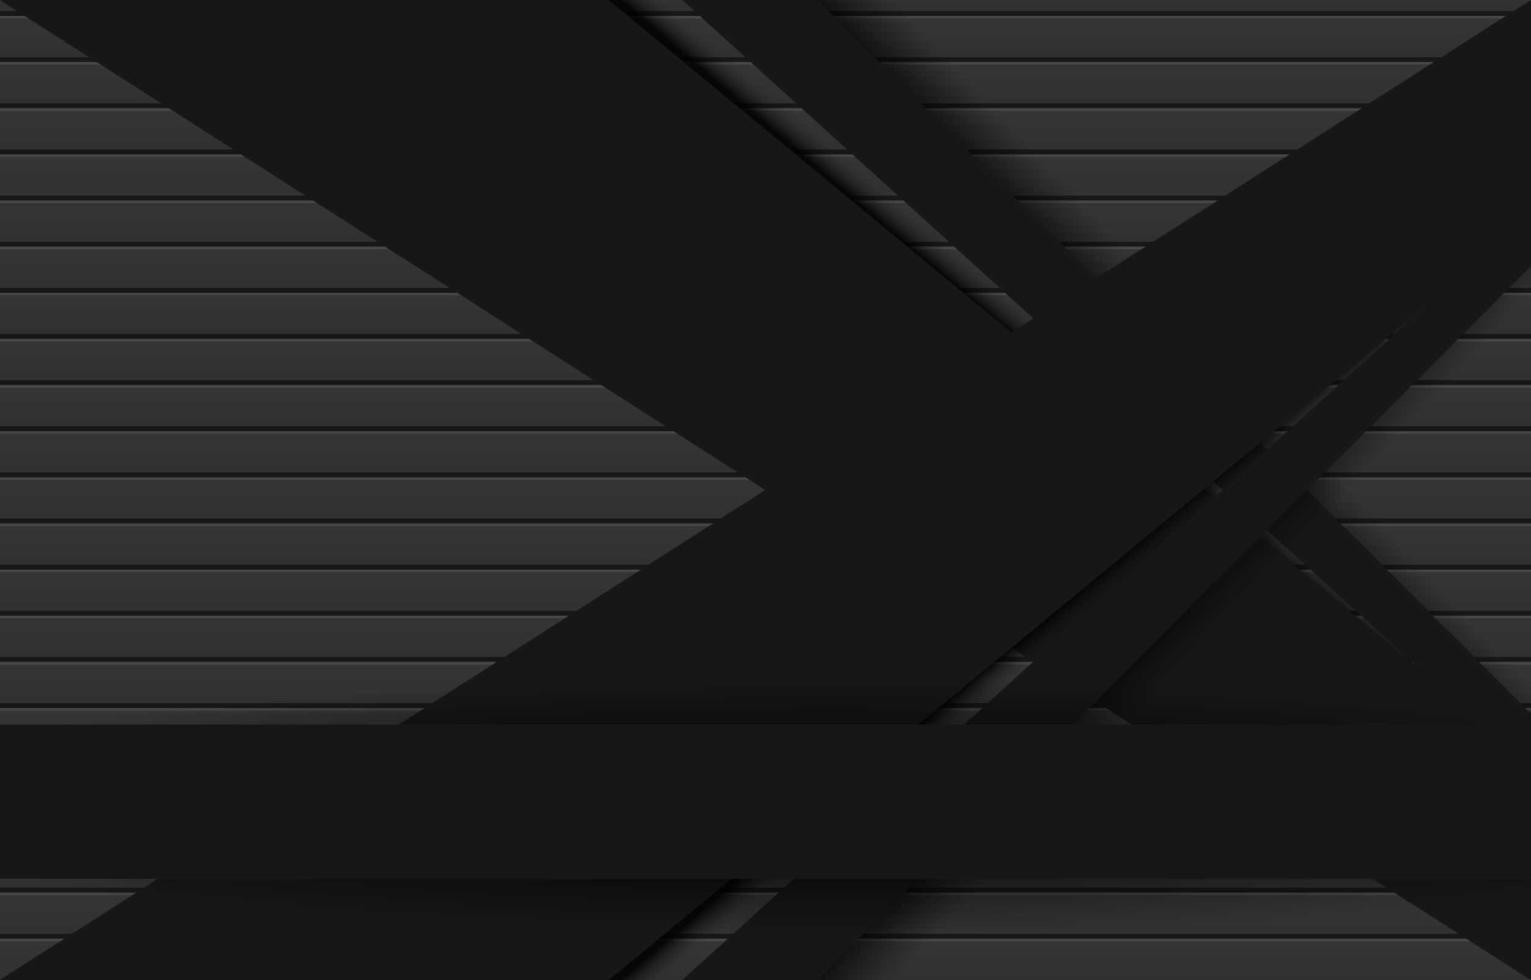 Fondo oscuro aparejado con diseño recortado en negro vector